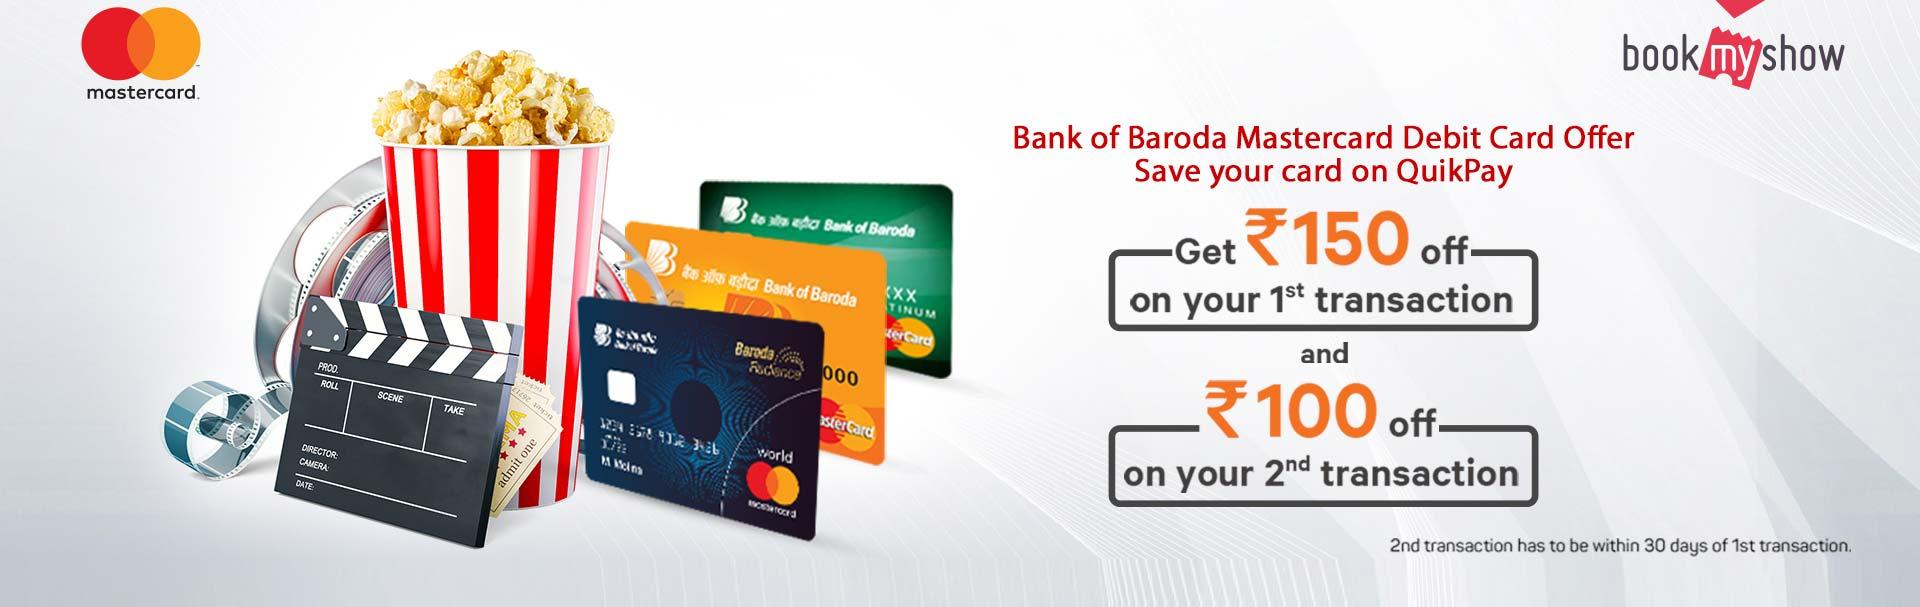 Master Card - Bank of Baroda, India's International Bank